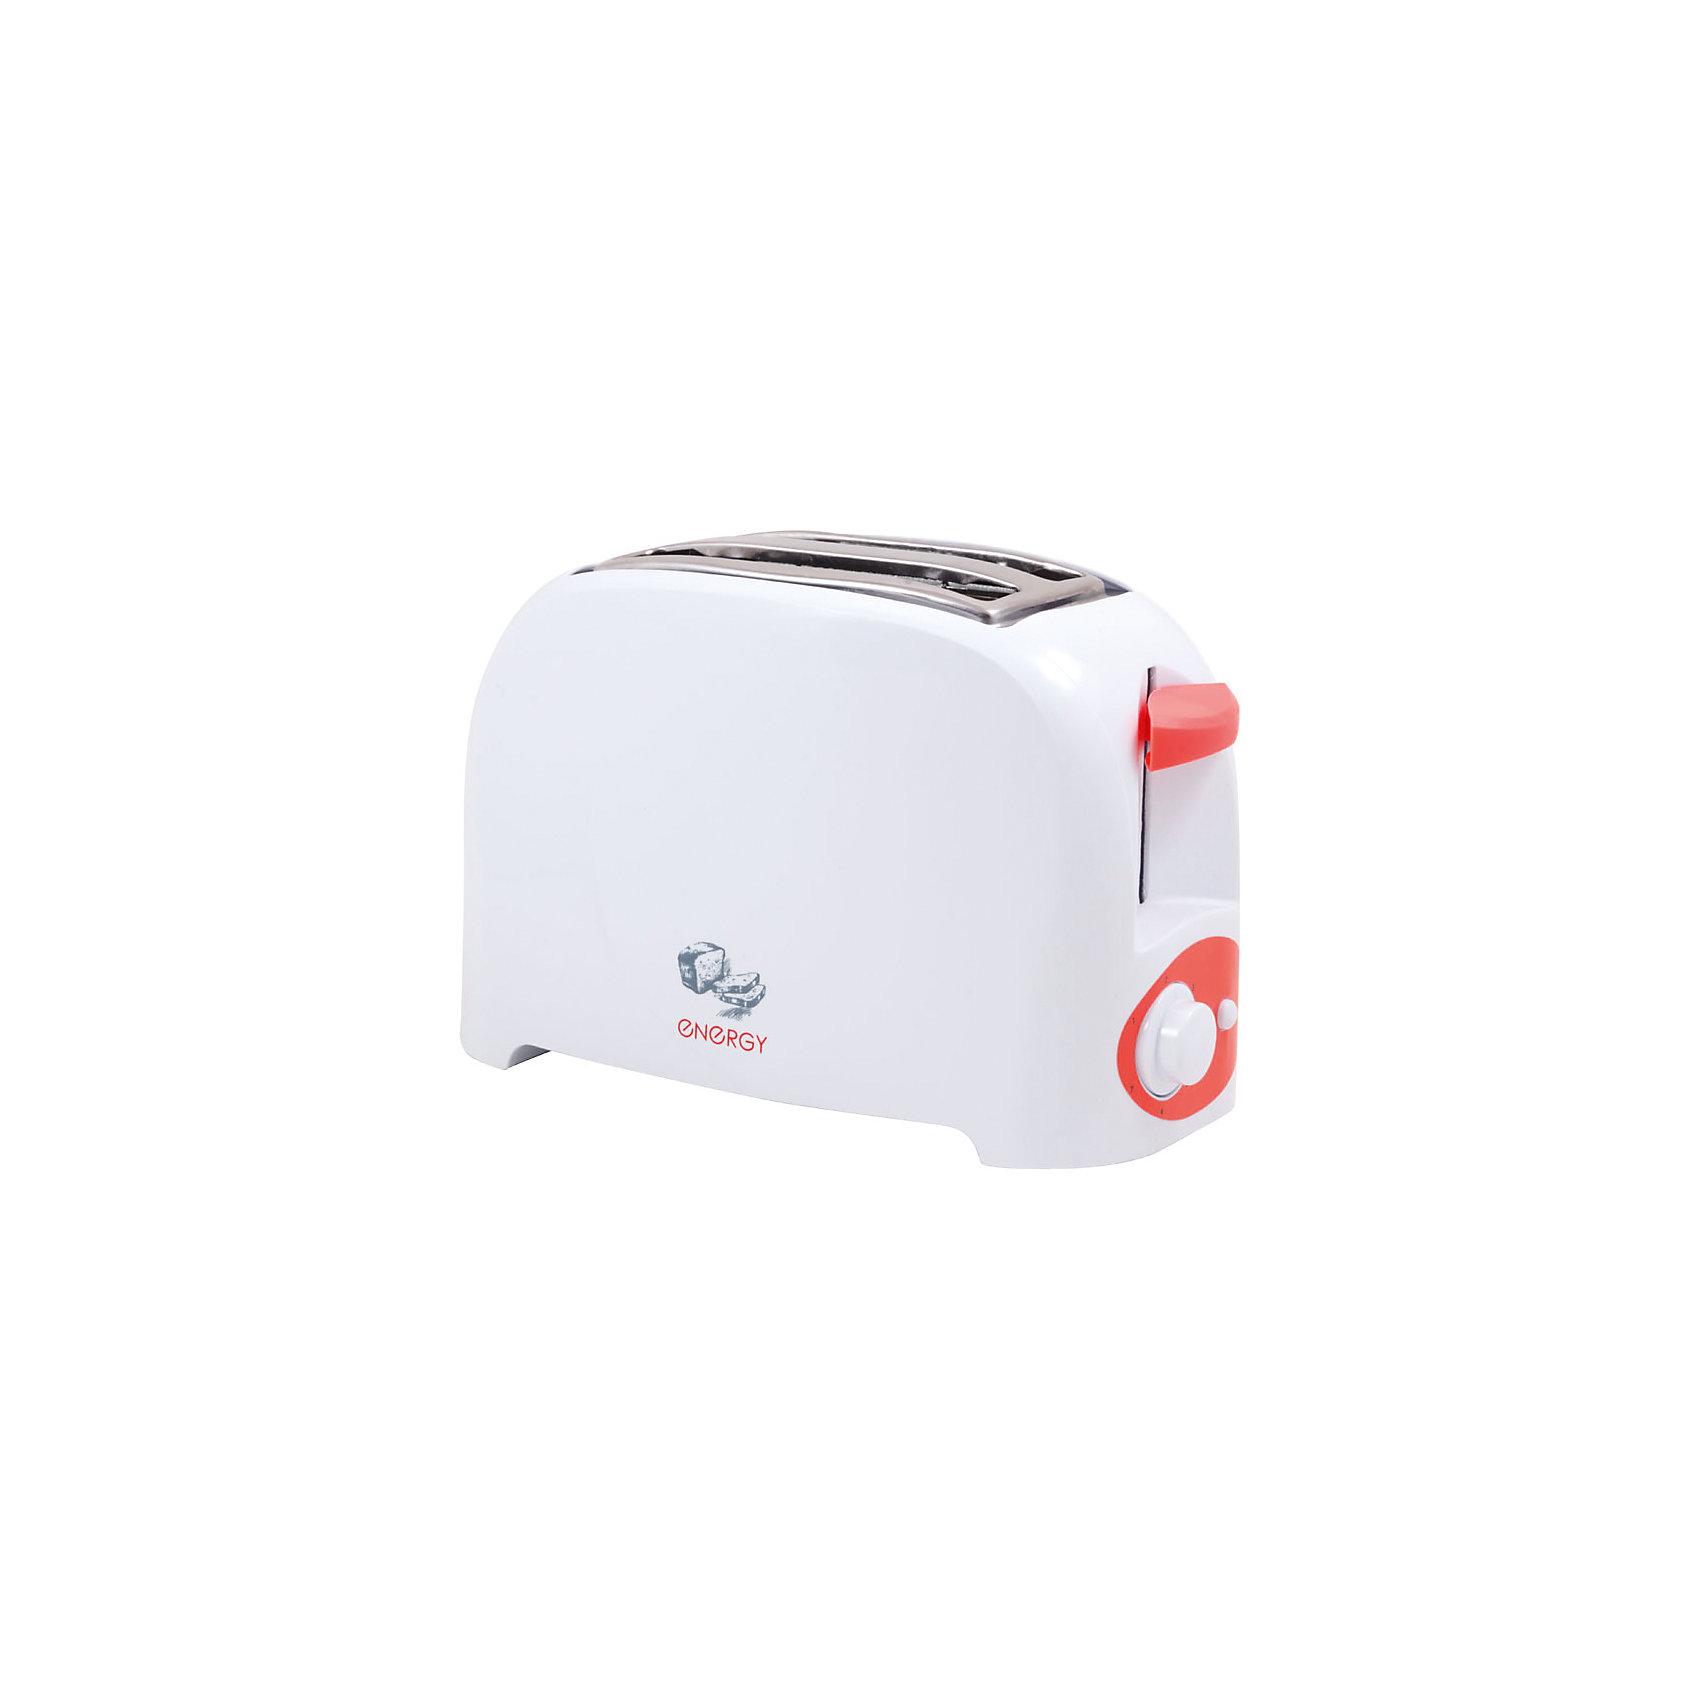 Тостер EN-263, 7 степеней прожарки, поддон для крошек, 750Вт, EnergyБытовая техника для кухни<br>Приготовить хрустящие тосты помогает функциональный тостер Energy. 7 степеней прожарки хлеба дают возможность выбрать режим с более зажаренной корочкой или только слегка подрумяненной. После приготовления тостов, они автоматически поднимутся наверх. На тостере имеется кнопка отмены выбранного режима. Тостер оснащен двумя широкими слотами для хлеба. Специальный поддон для крошек позволяет содержать место под тостером в чистоте. <br><br>Дополнительная информация:<br><br>Размеры тостера: 27х14,5х17,3 см<br><br>Мощность 750 Вт<br><br>Тостер EN-263, 7 степеней прожарки, поддон для крошек, 750Вт, Energy можно купить в нашем интернет-магазине.<br><br>Ширина мм: 270<br>Глубина мм: 150<br>Высота мм: 170<br>Вес г: 1120<br>Возраст от месяцев: 216<br>Возраст до месяцев: 1080<br>Пол: Унисекс<br>Возраст: Детский<br>SKU: 4989879